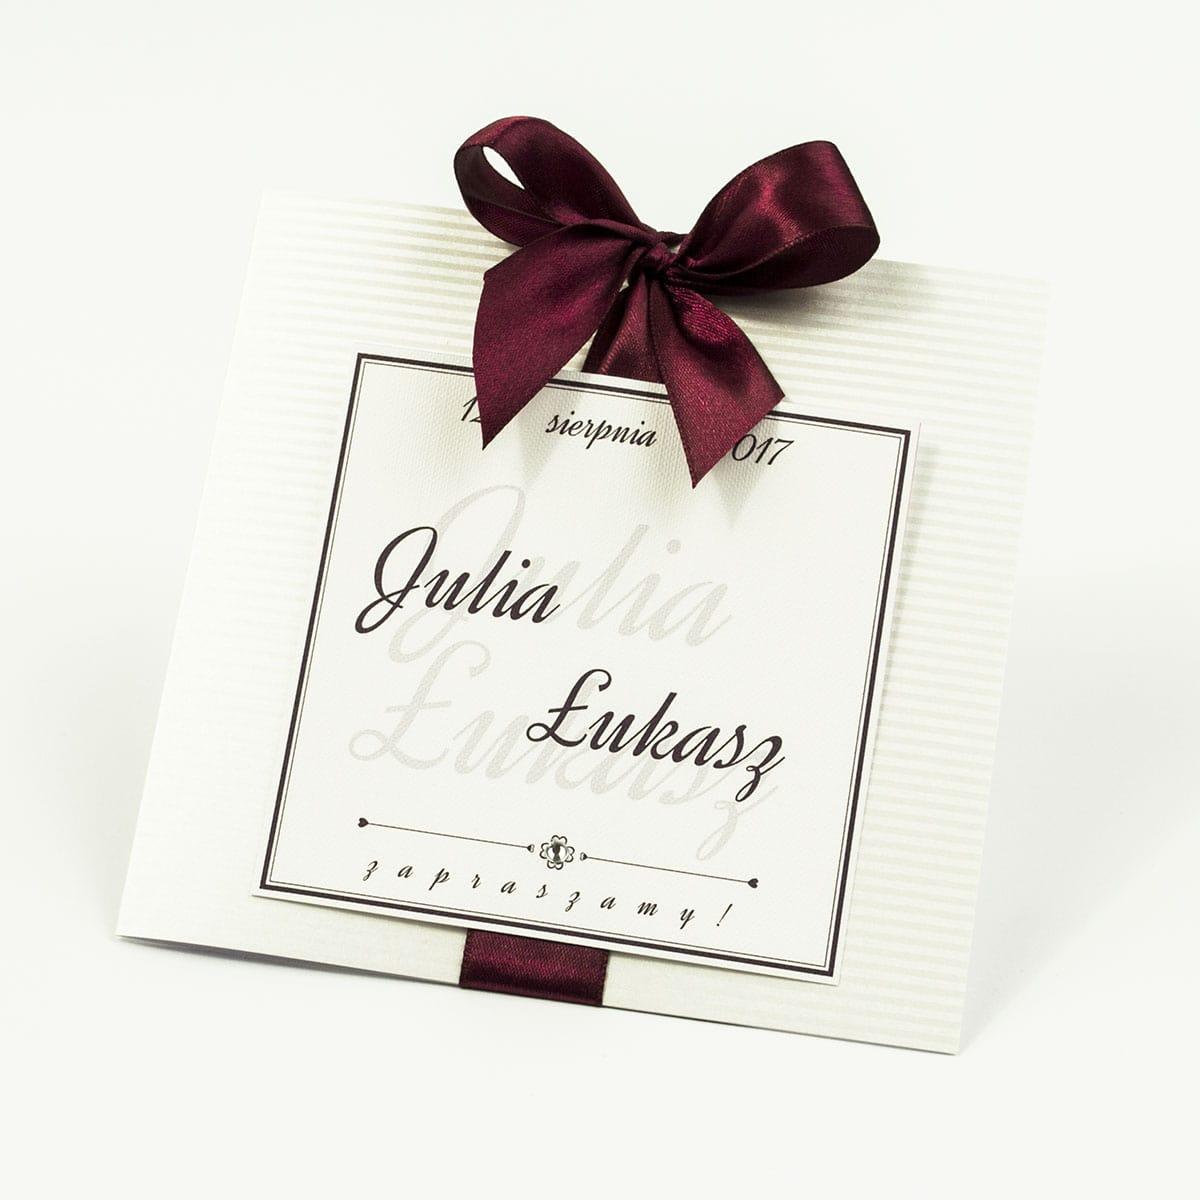 Zaproszenia ślubne na srebrnym paskowanym papierze, ze wstążką w kolorze ciemne bordo i cyrkonią oraz wklejanym wnętrzem. ZAP-61-92